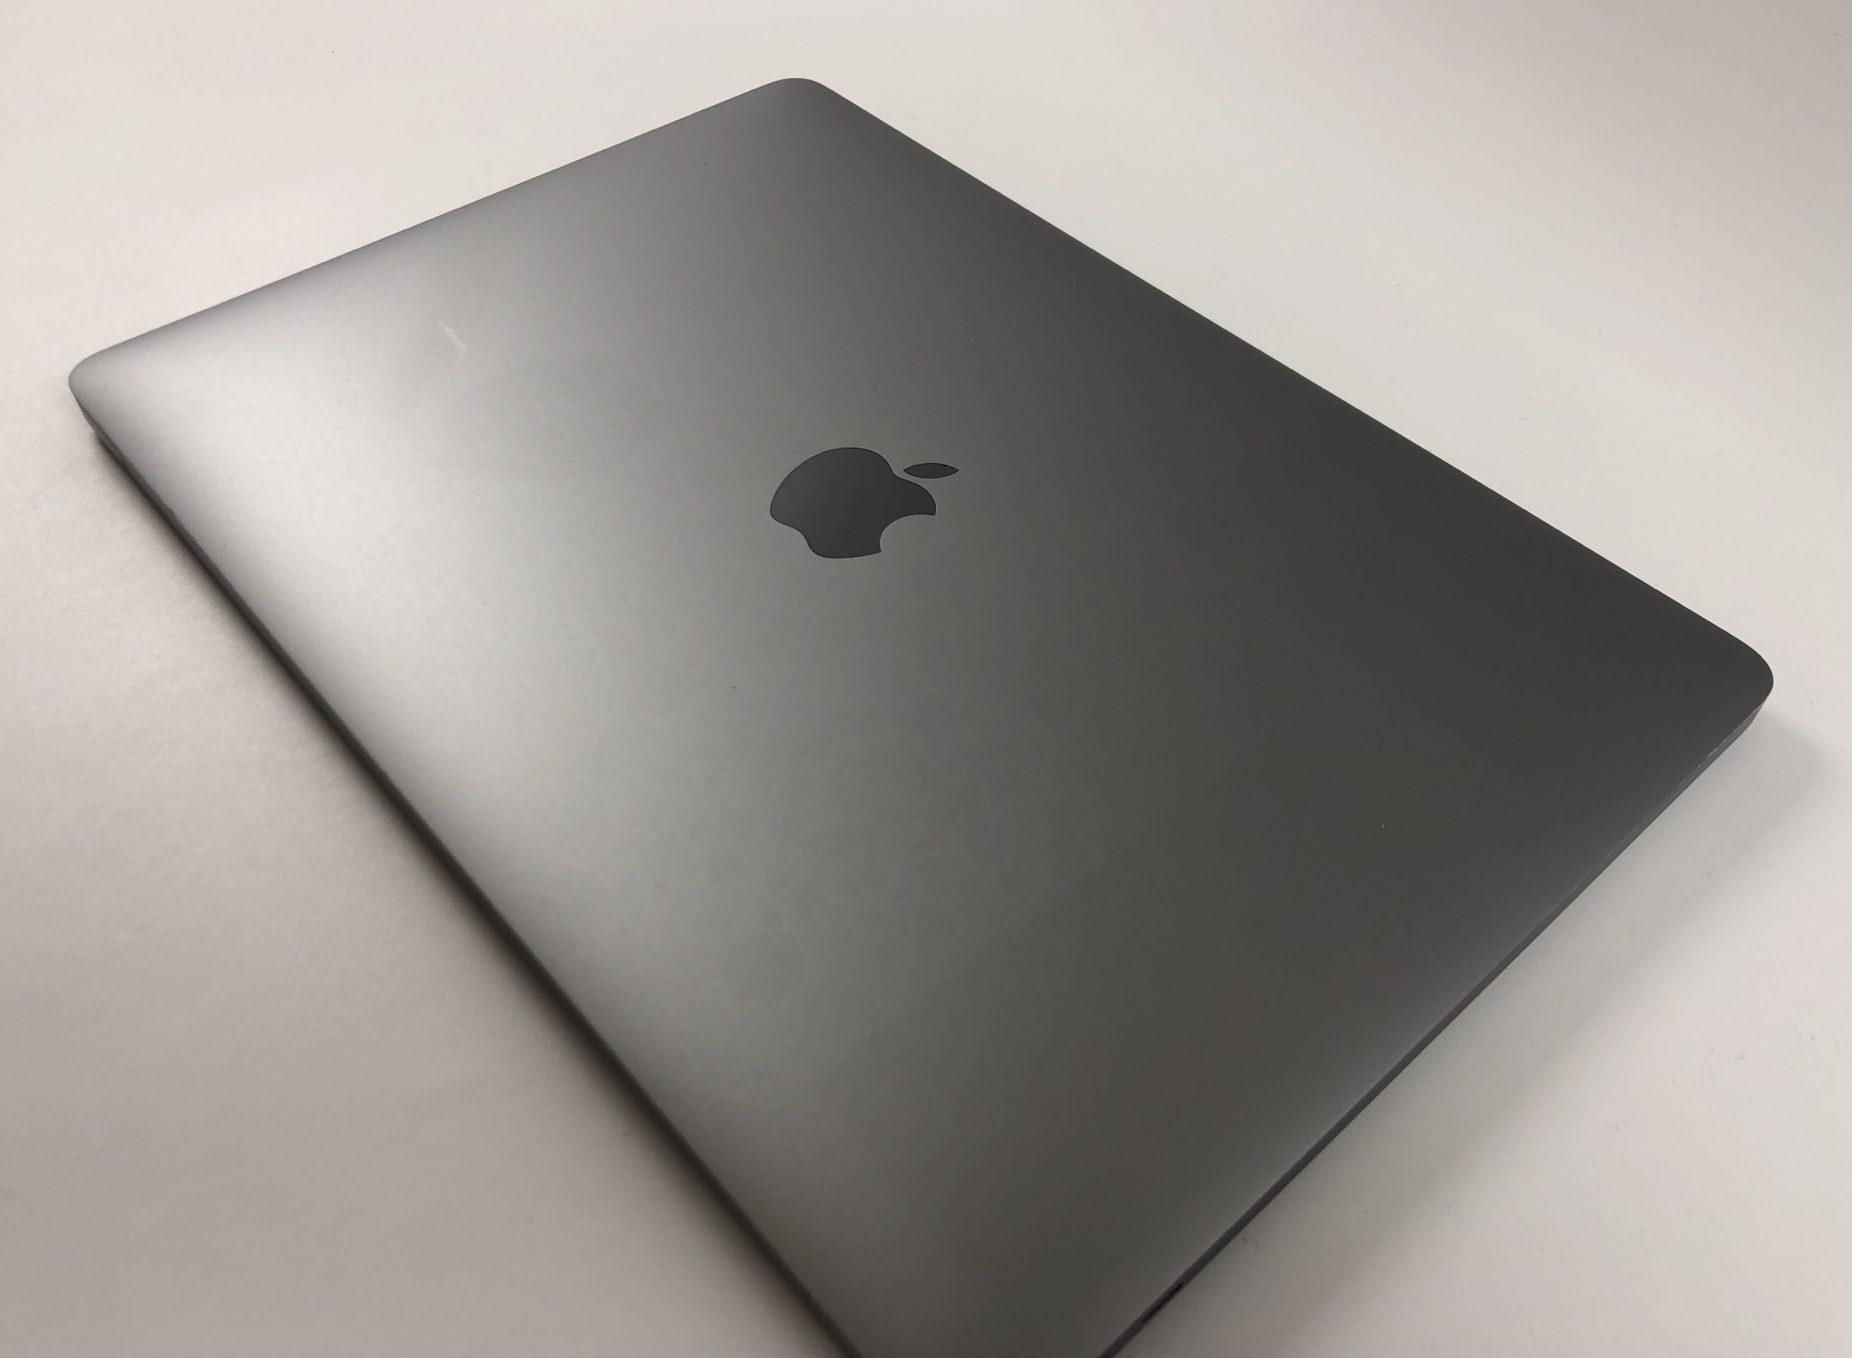 """MacBook Pro 13"""" 2TBT Mid 2017 (Intel Core i5 2.3 GHz 8 GB RAM 256 GB SSD), Space Gray, Intel Core i5 2.3 GHz, 8 GB RAM, 256 GB SSD, Kuva 3"""